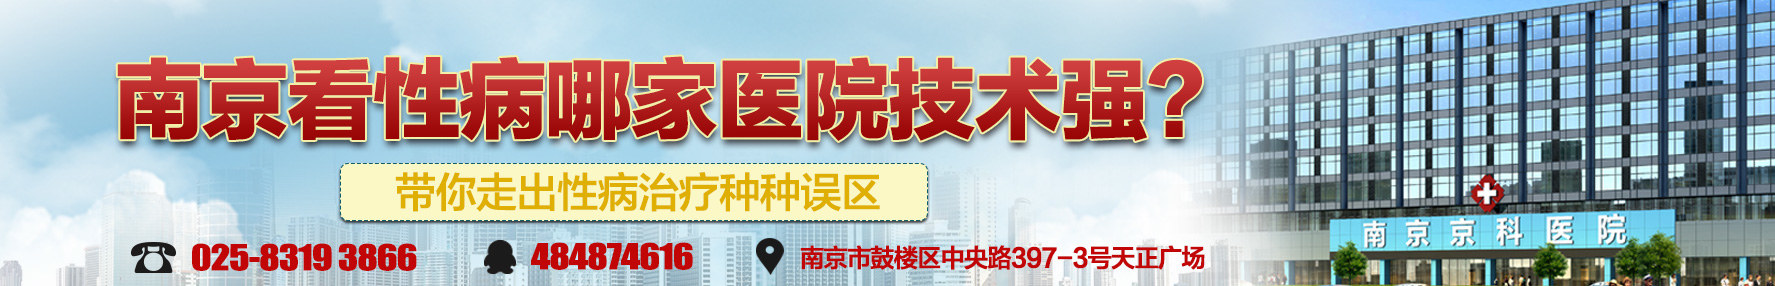 南京性病在线视频偷国产精品